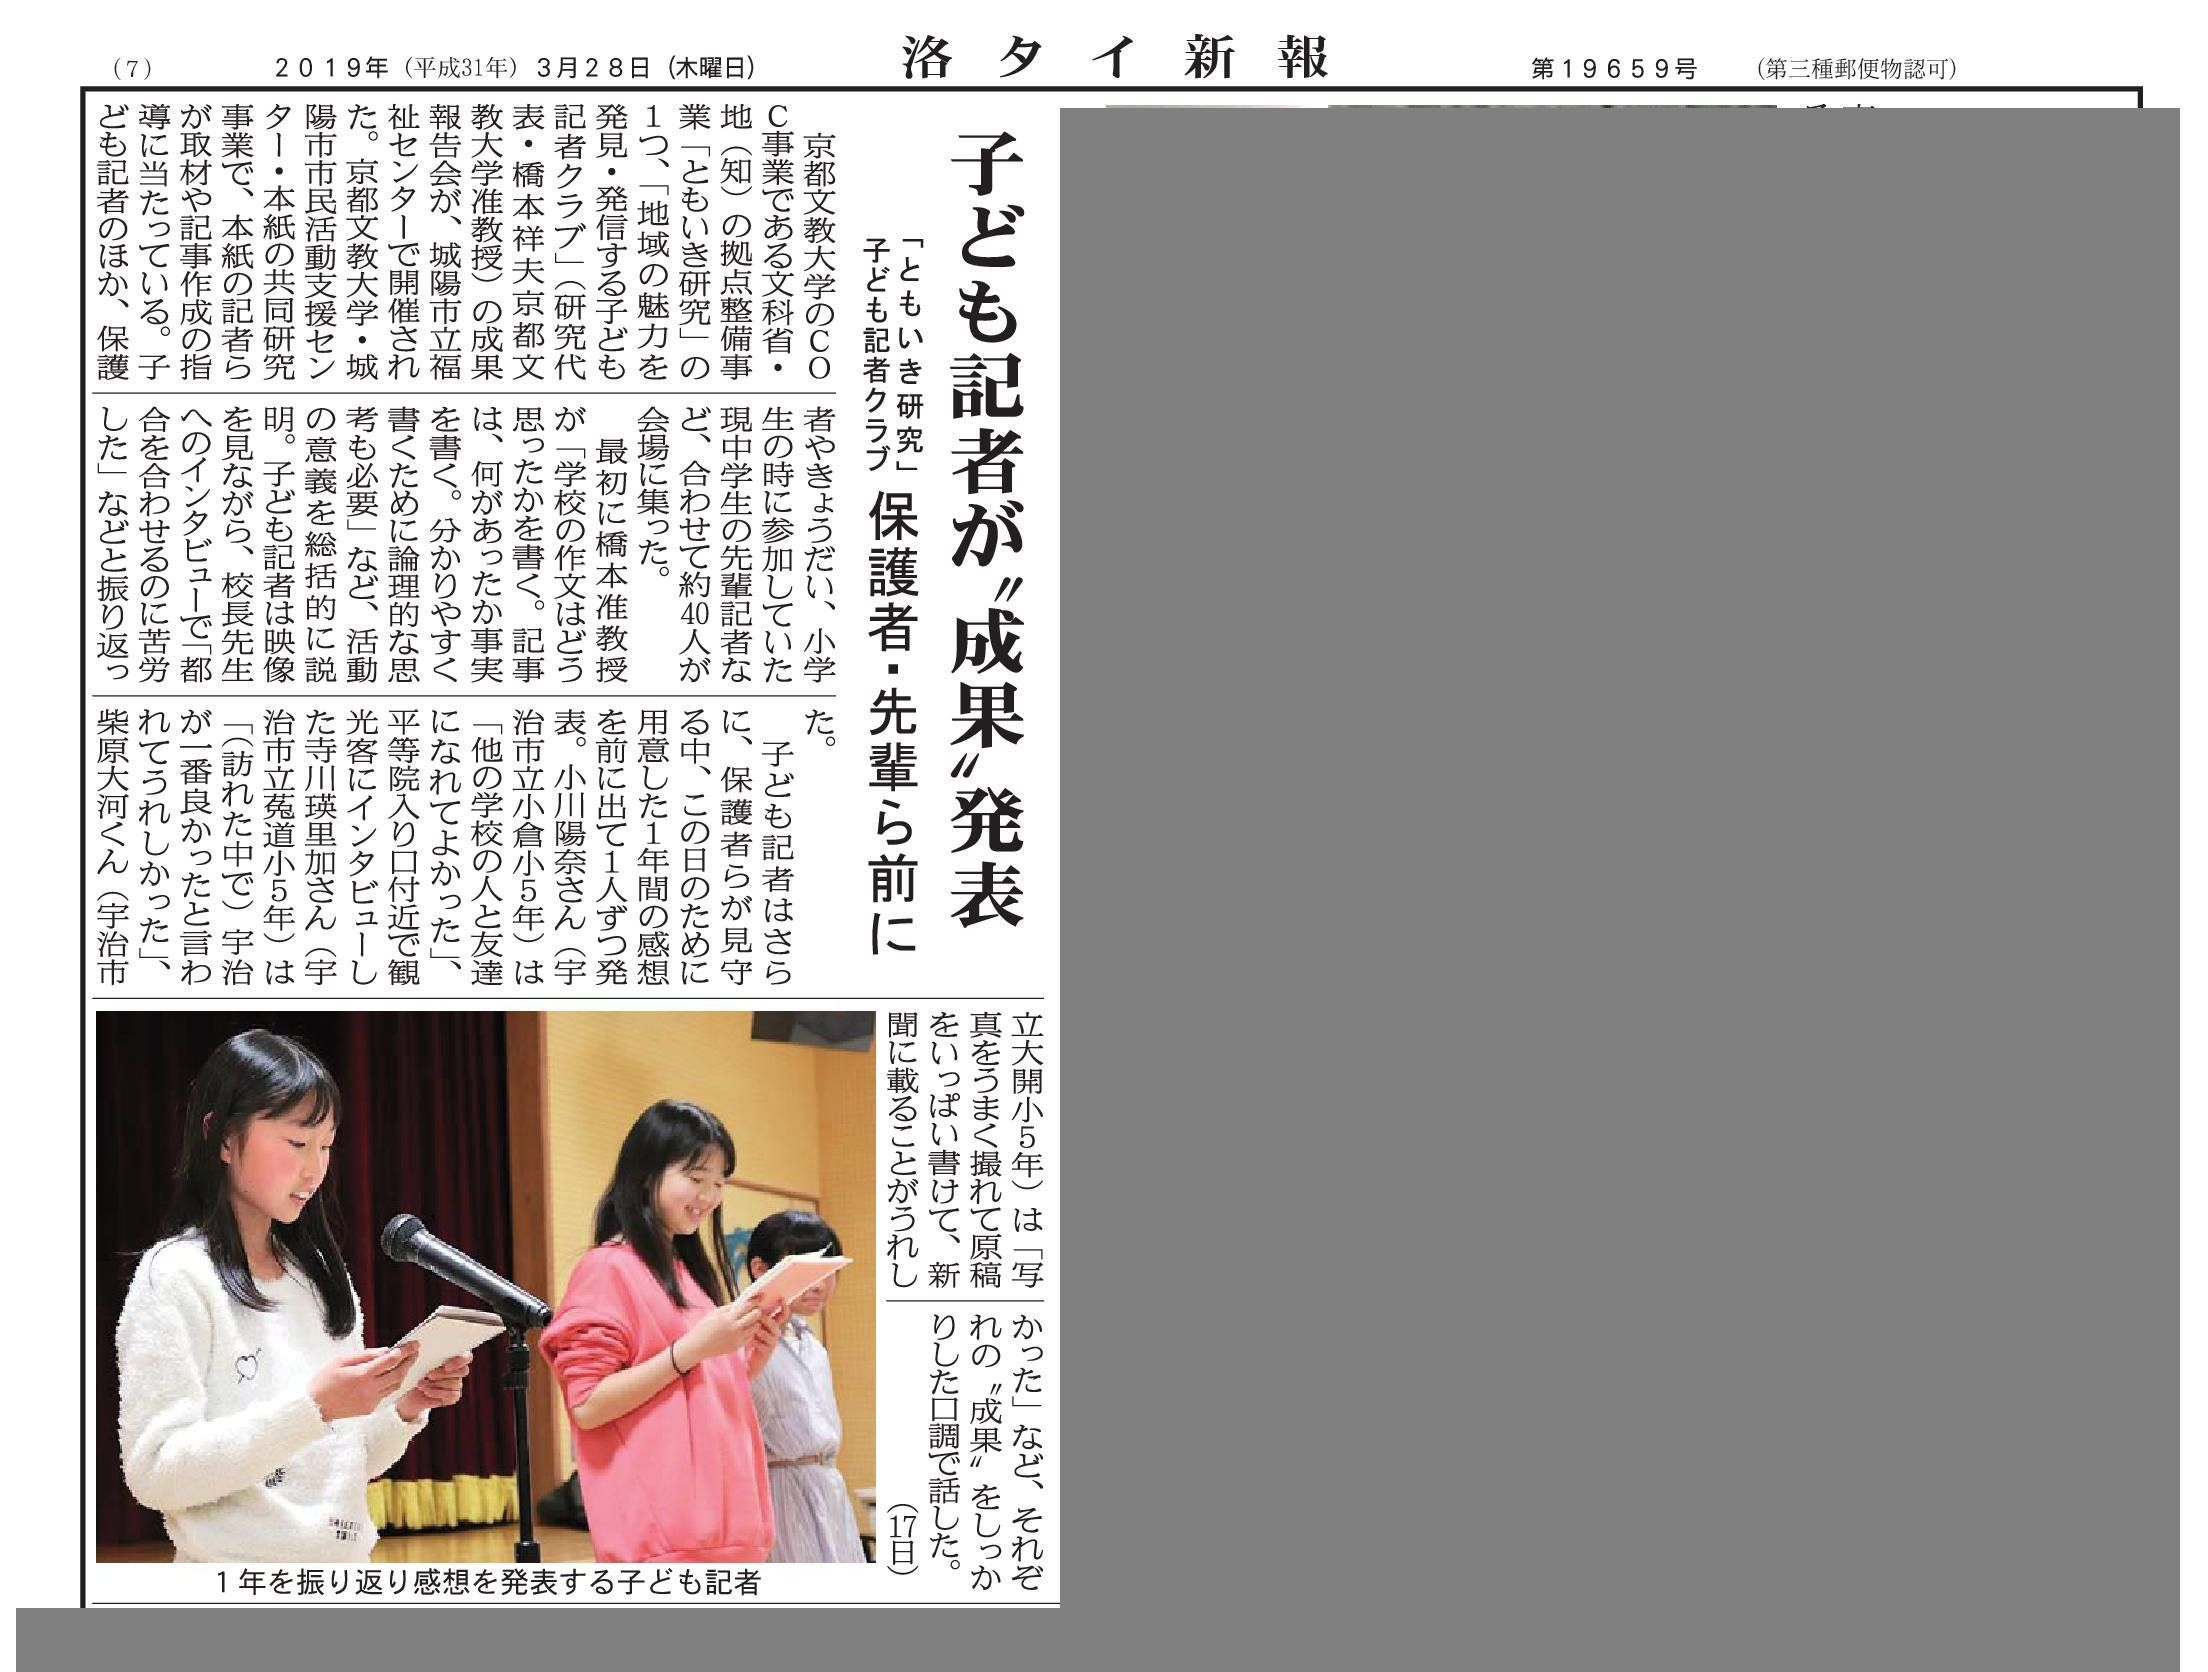 成果報告会&交流会の模様が洛タイ新報に掲載されました